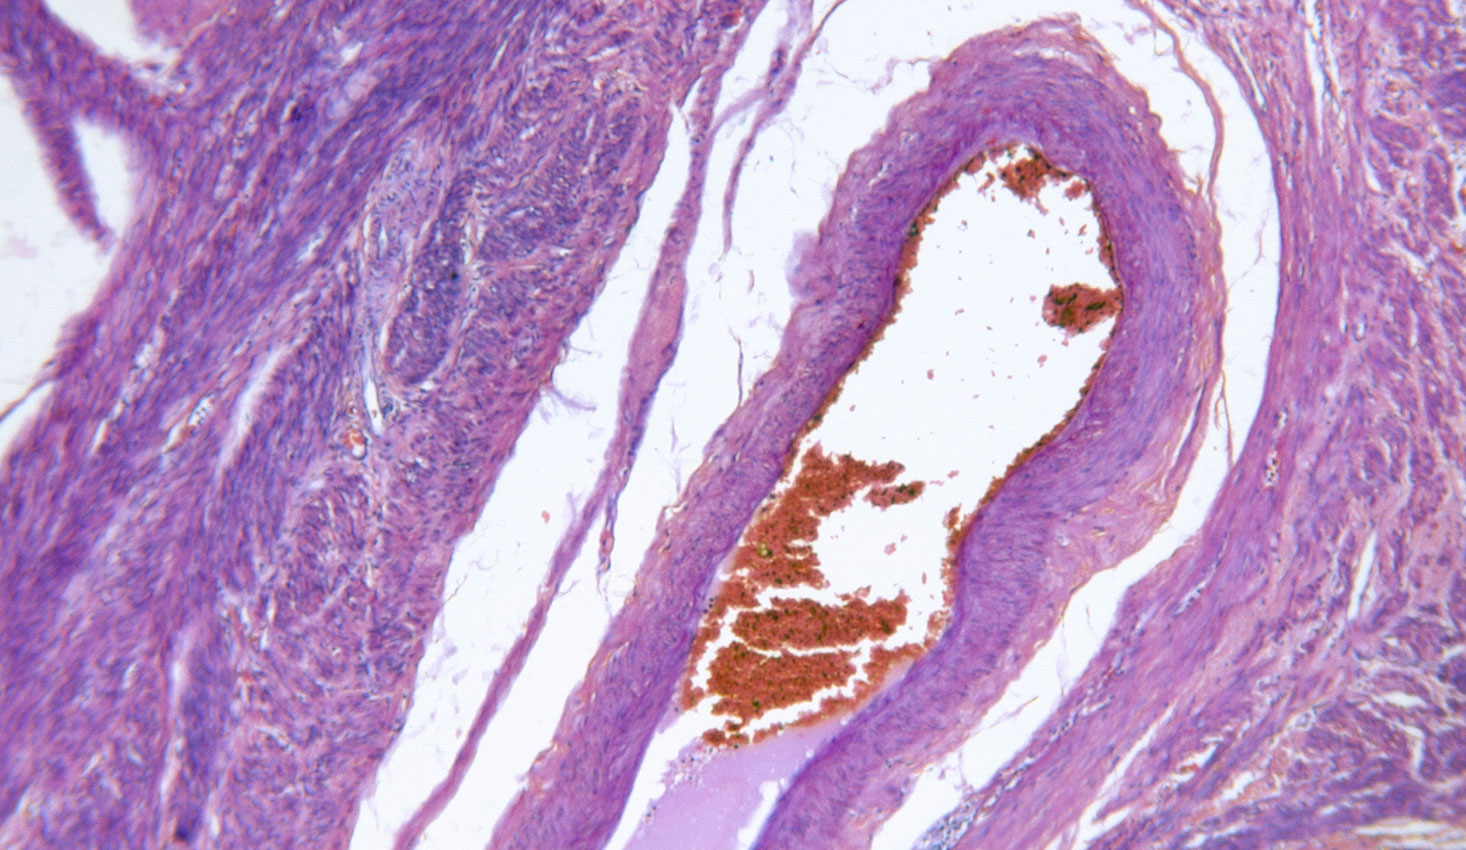 Endometrial Ablation Miami, FL | Dr. Sidiq Aldabbagh, MD - OBGYN